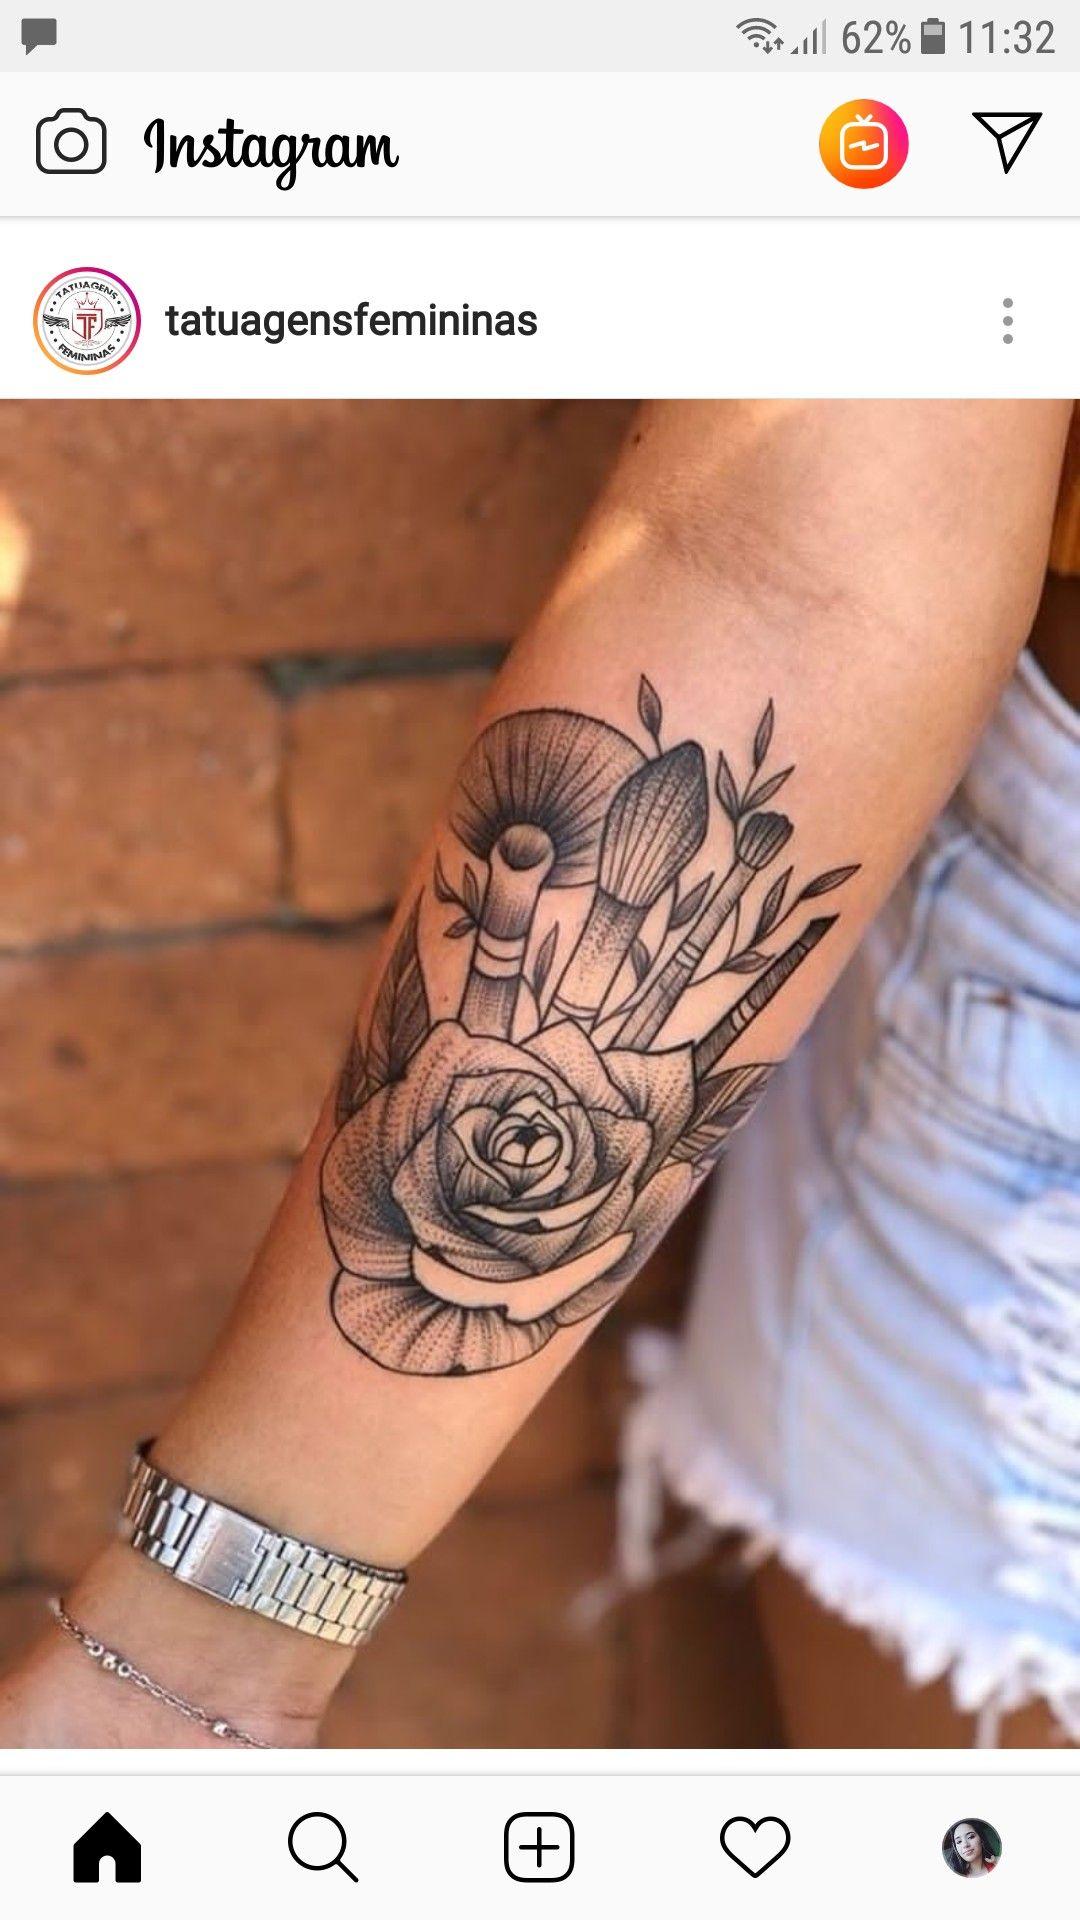 Tatuagem make Tatuagens de maquiagem, Tatuagens de batom